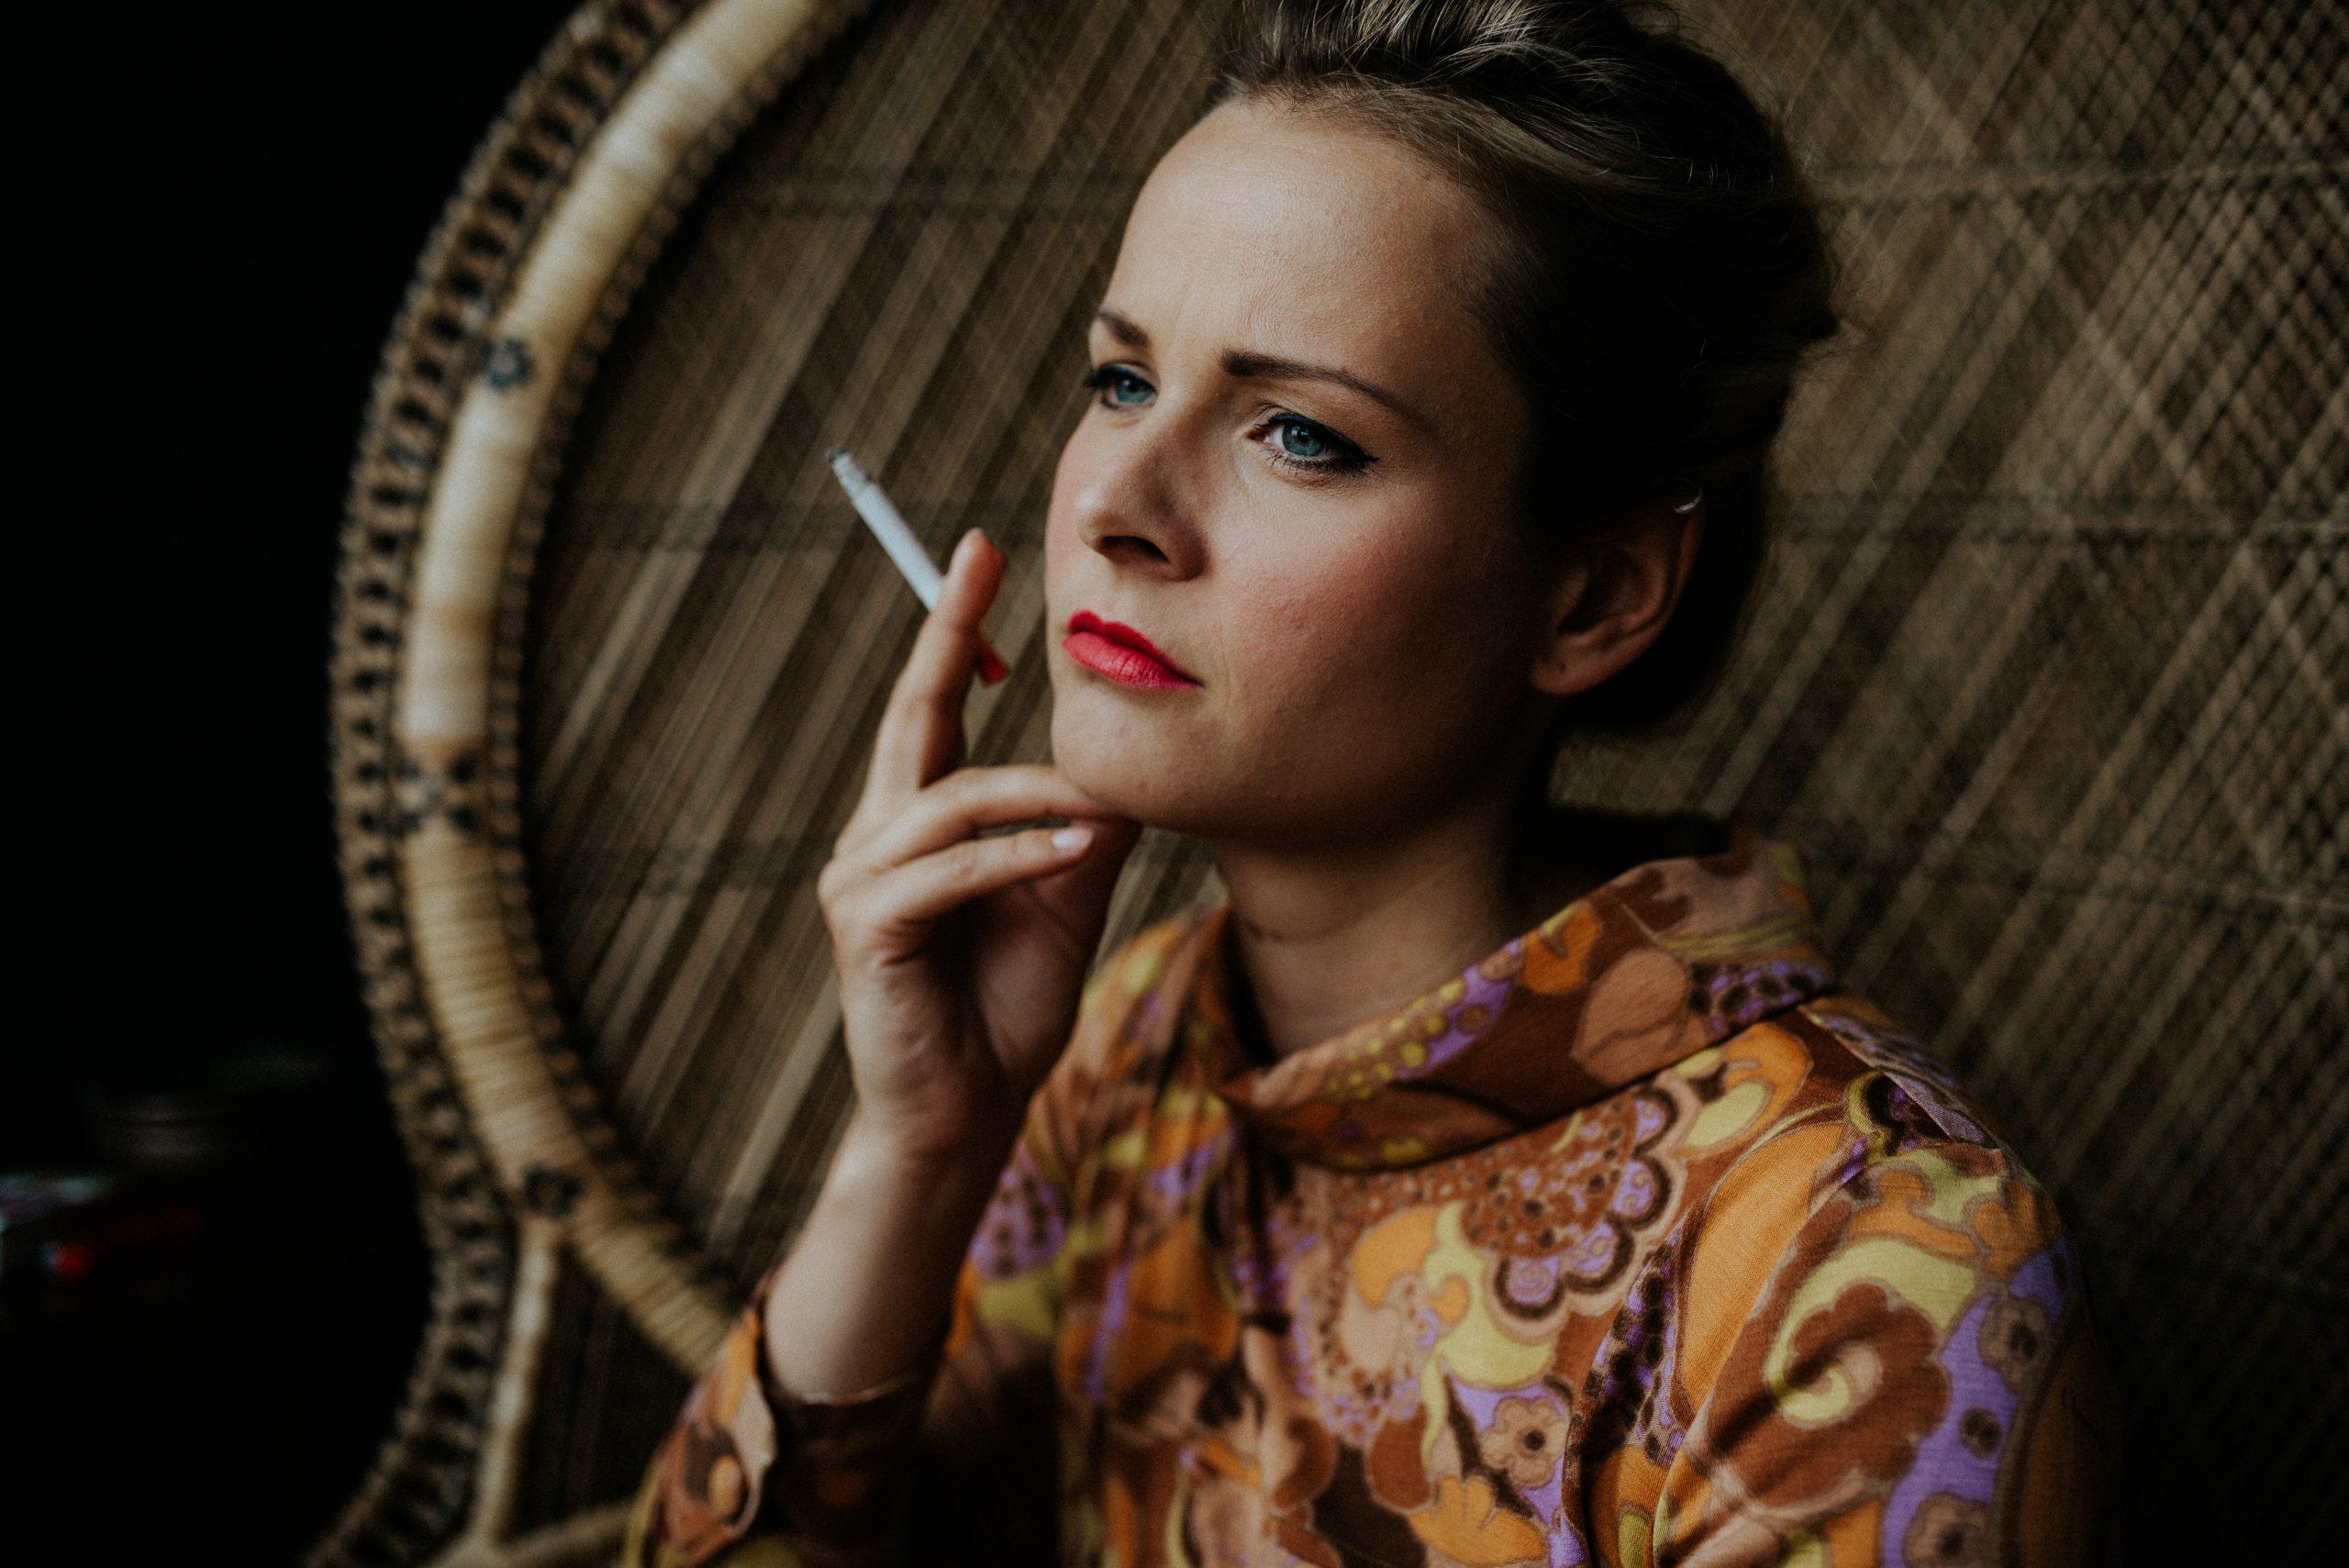 Rauchende Frau auf Pfauenthron